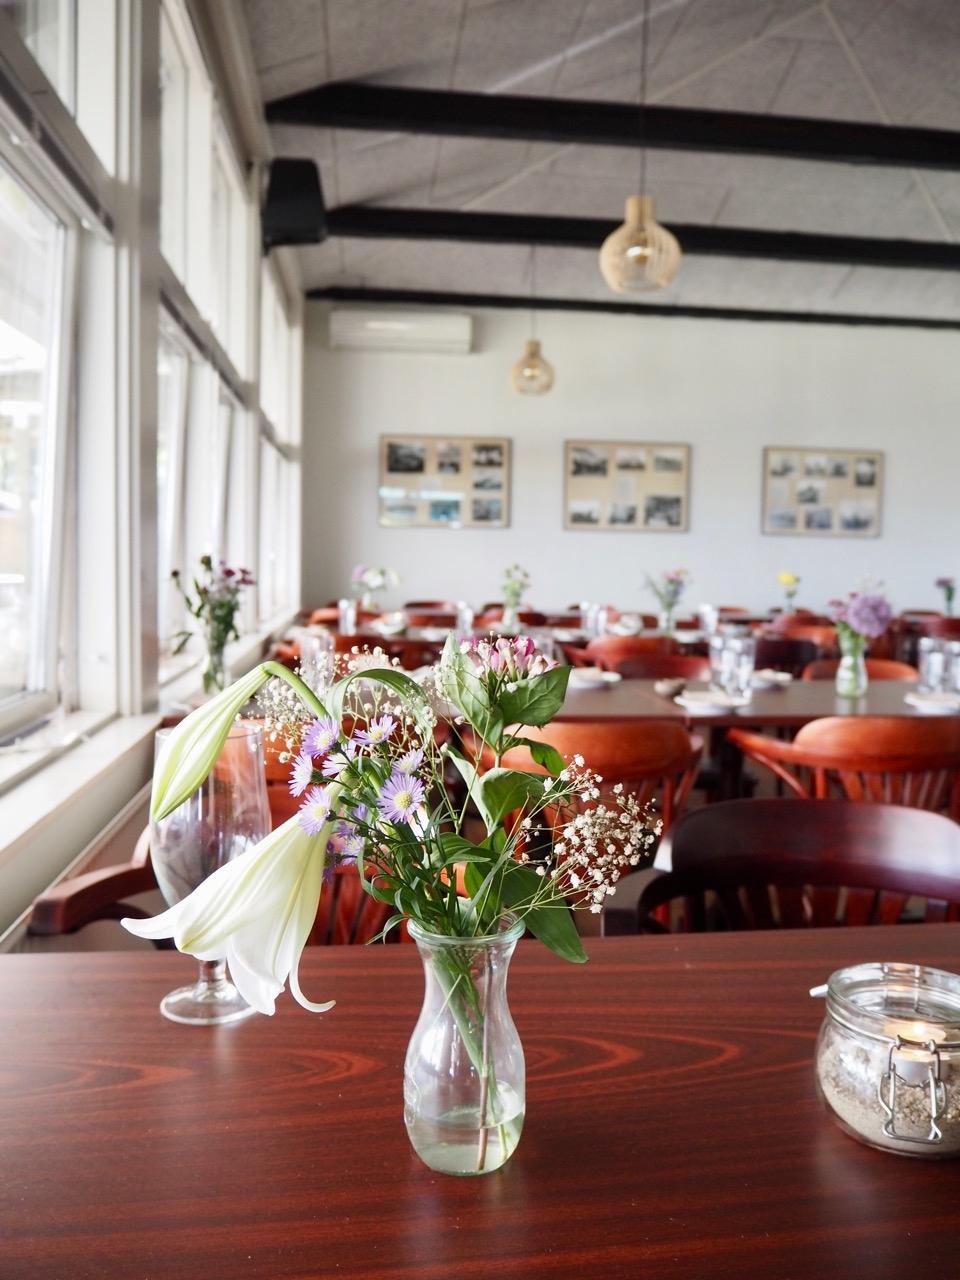 Kronborg_egholm_buffet